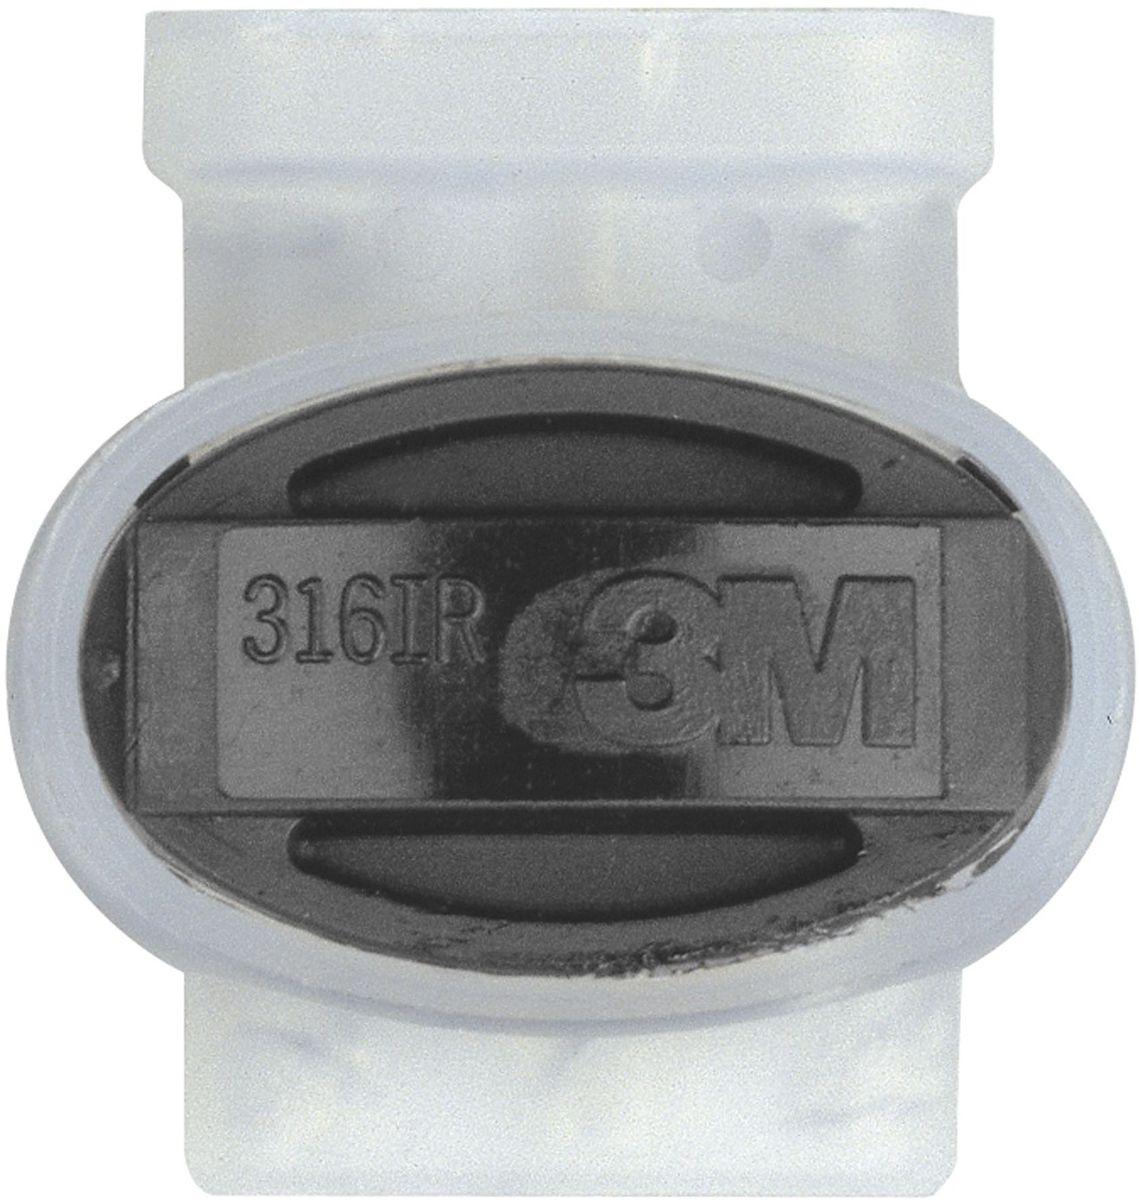 Муфта для кабеля Gardena, концевая, 24 В01282-20.000.00Концевая муфта Gardena используется для подключения к клапанам Gardena 1278 соединительного кабеля Gardena 1280, используя коробки для клапана для полива V1. Гарантирует герметичное соединение легким нажатием кнопки.Максимальное напряжение: 30 В.Максимальный диаметр кабеля: 3,9 мм.Площадь поперечного сечения кабеля: 0,33-1,5 мм2.